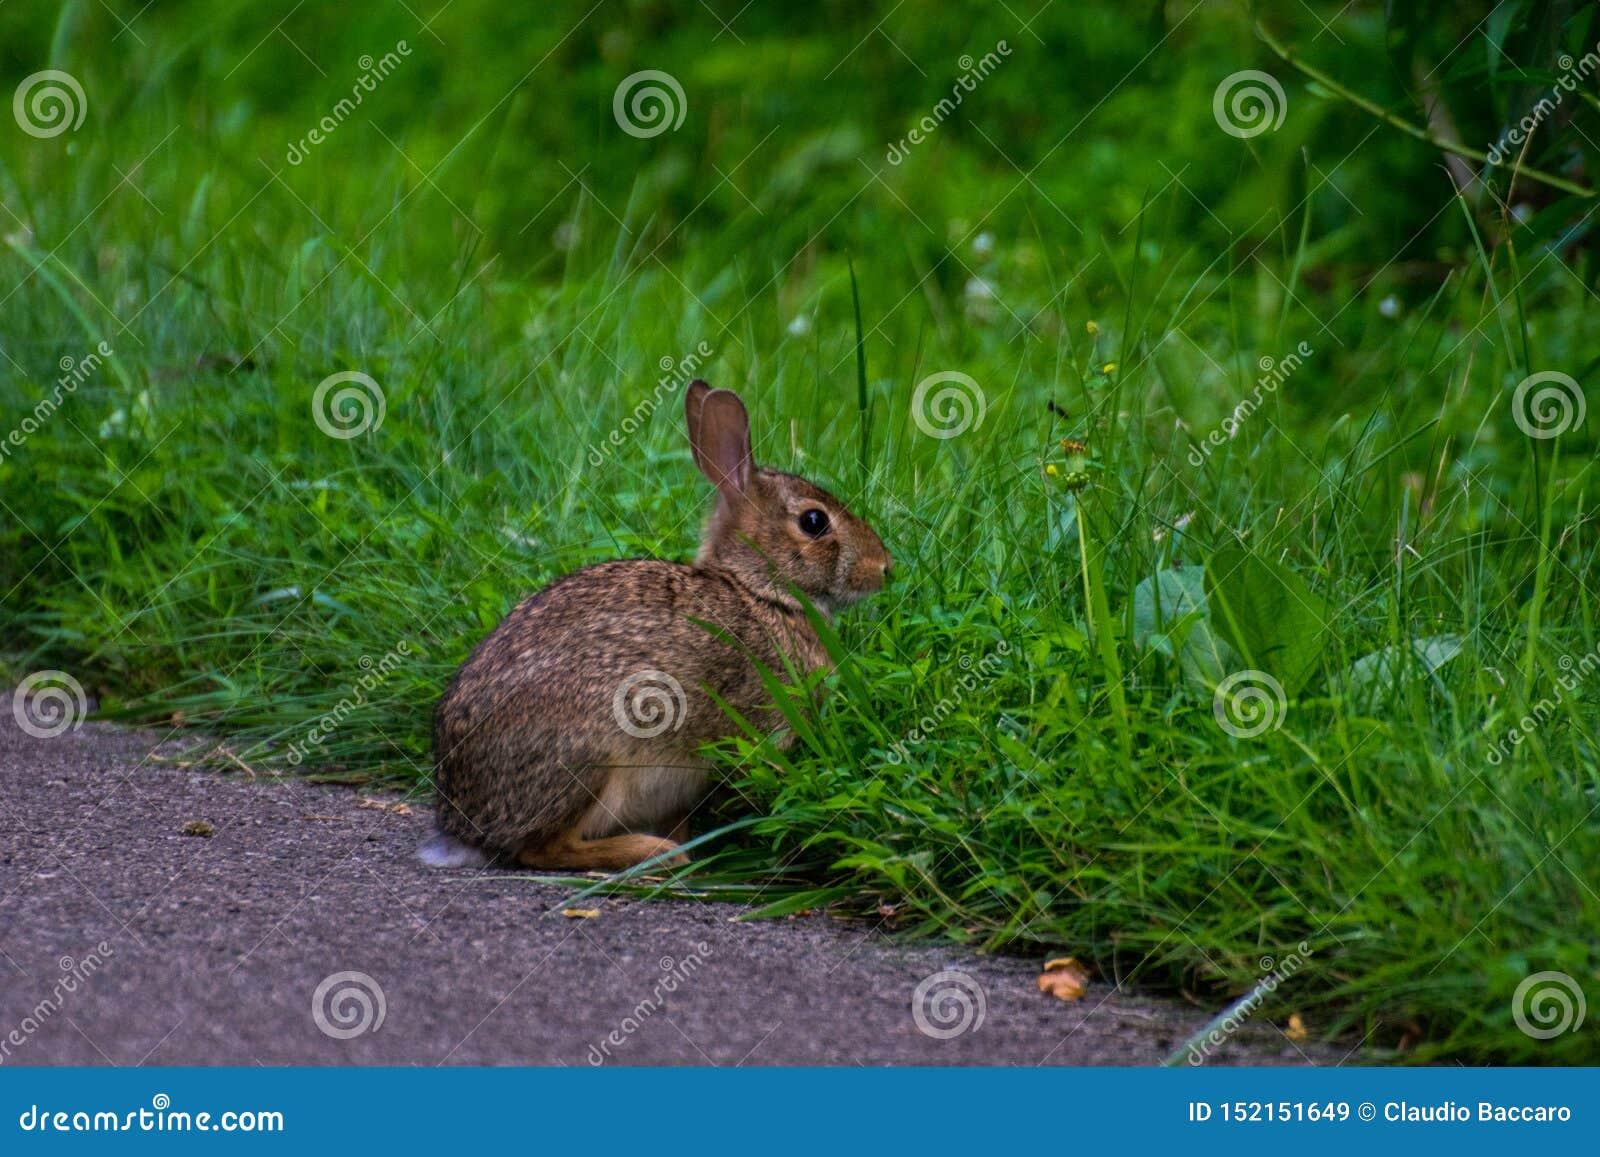 Дикий и очень милый кролик